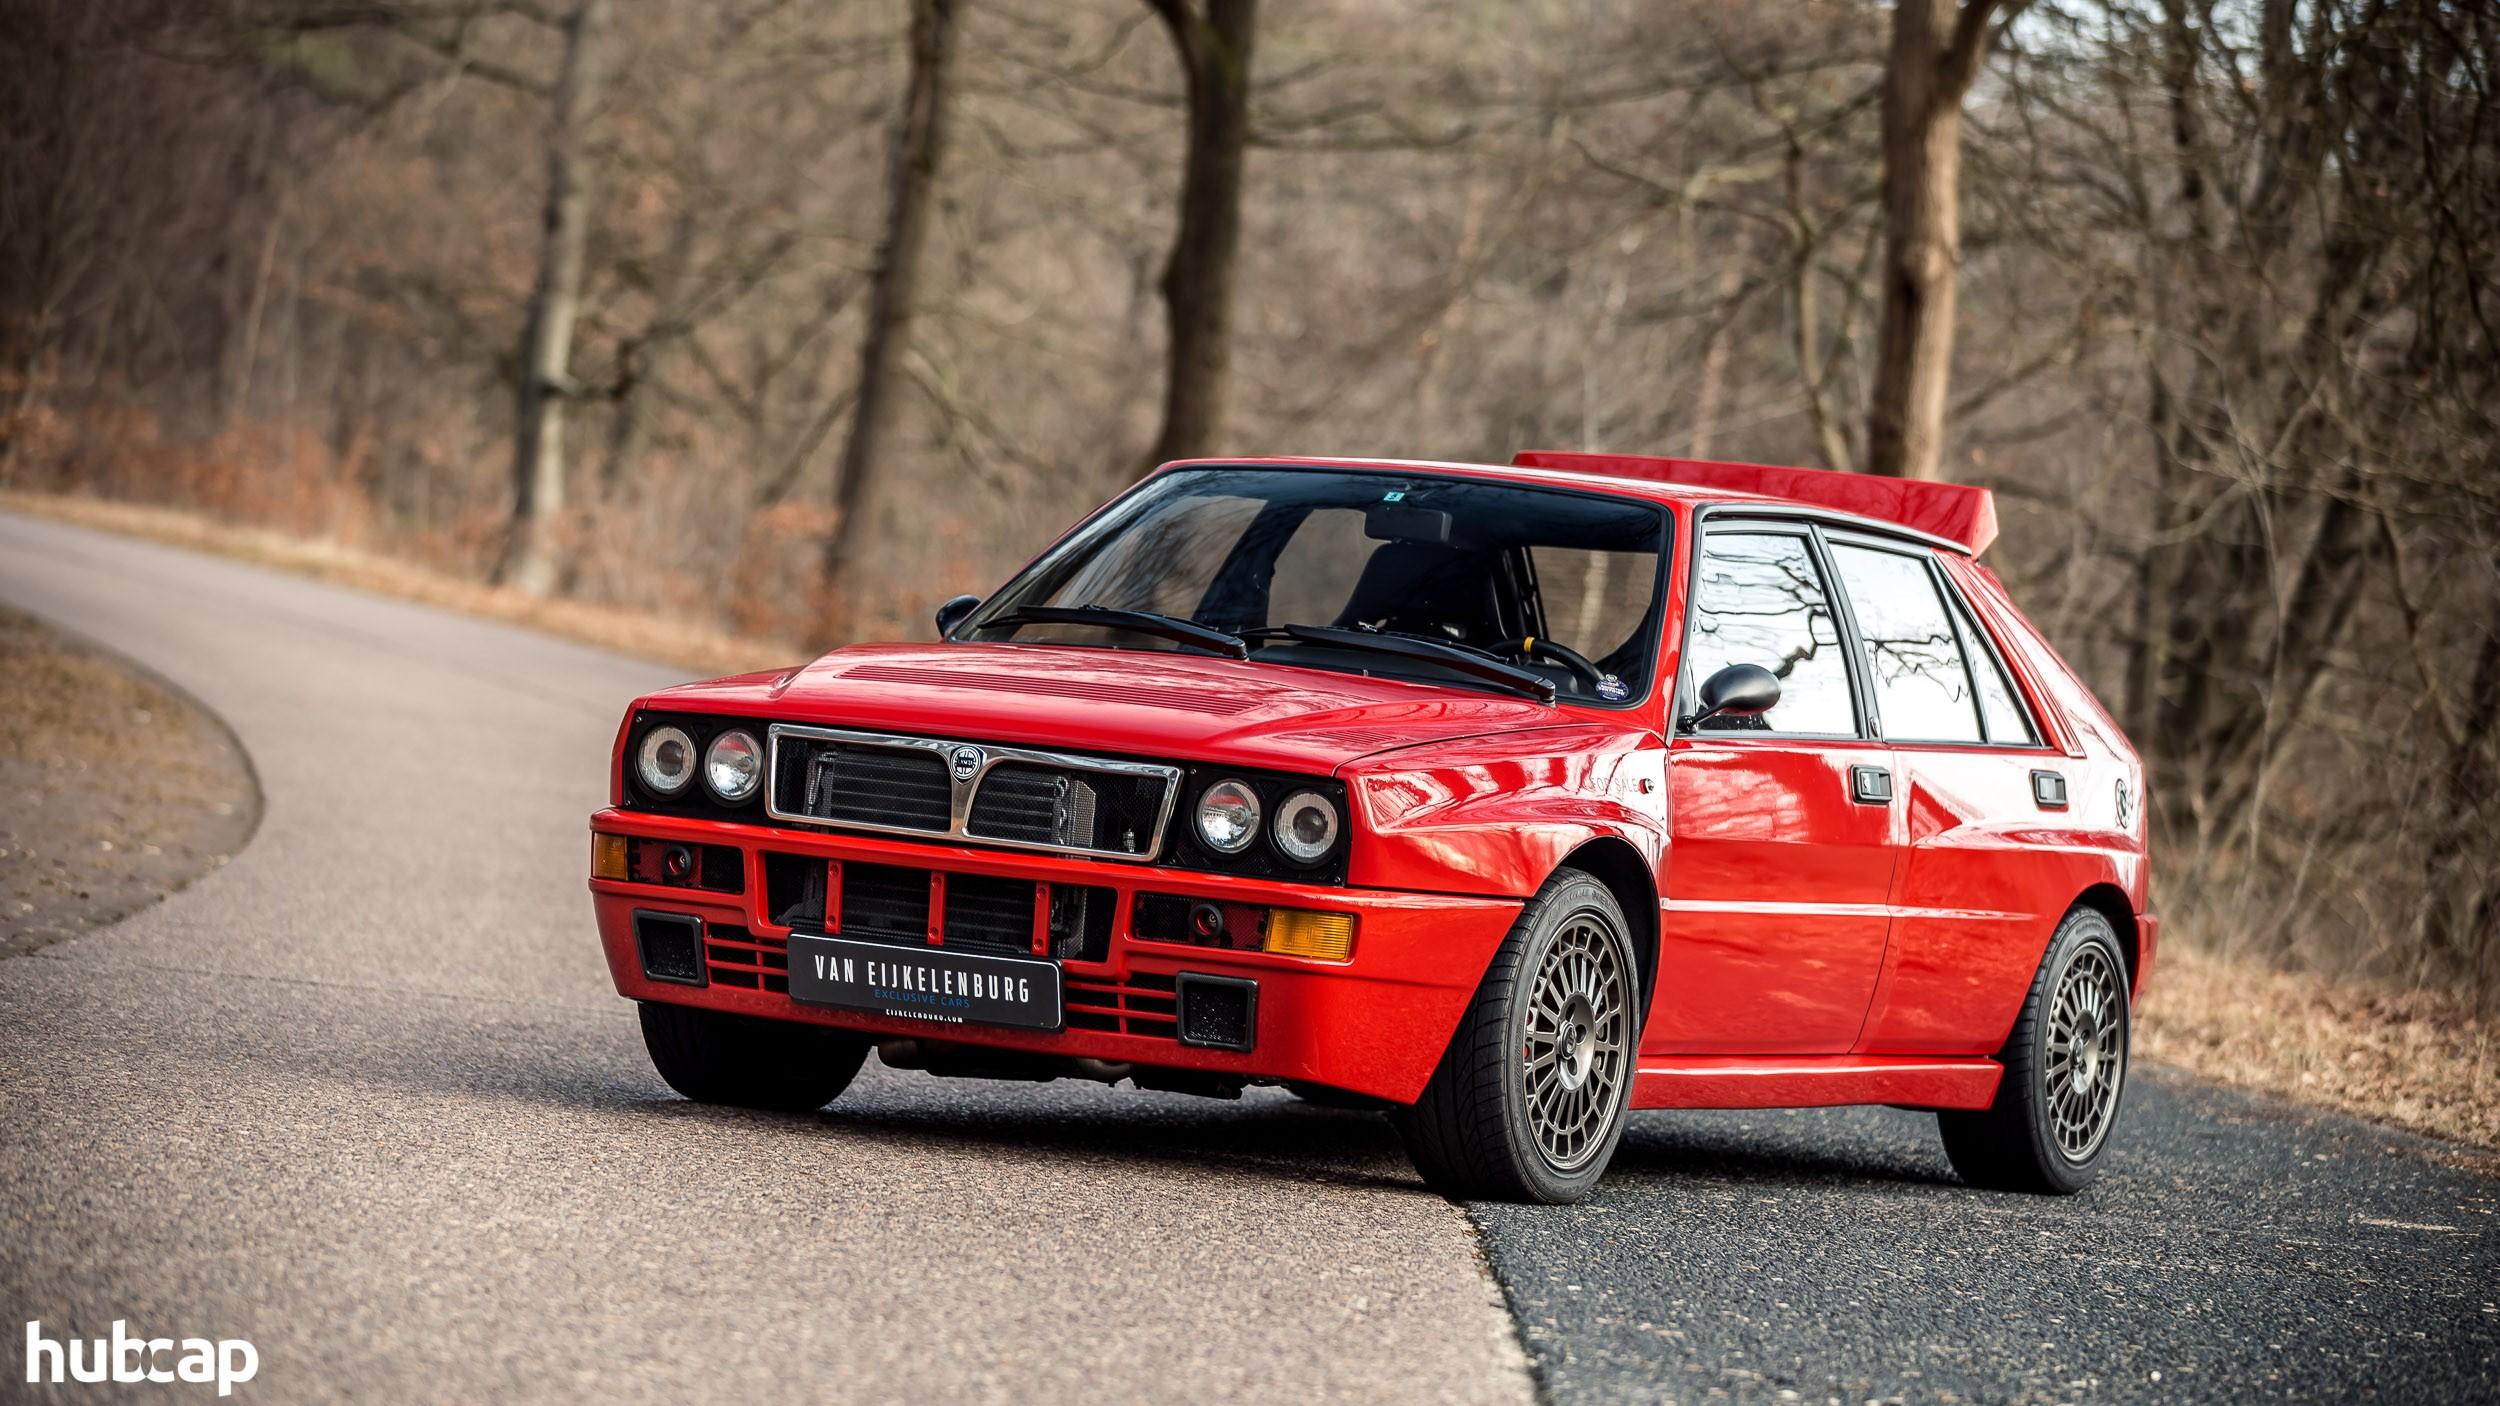 Lancia Delta HF Integrale Evo 1 de gezinsauto die een legendarische rallyauto werd 03